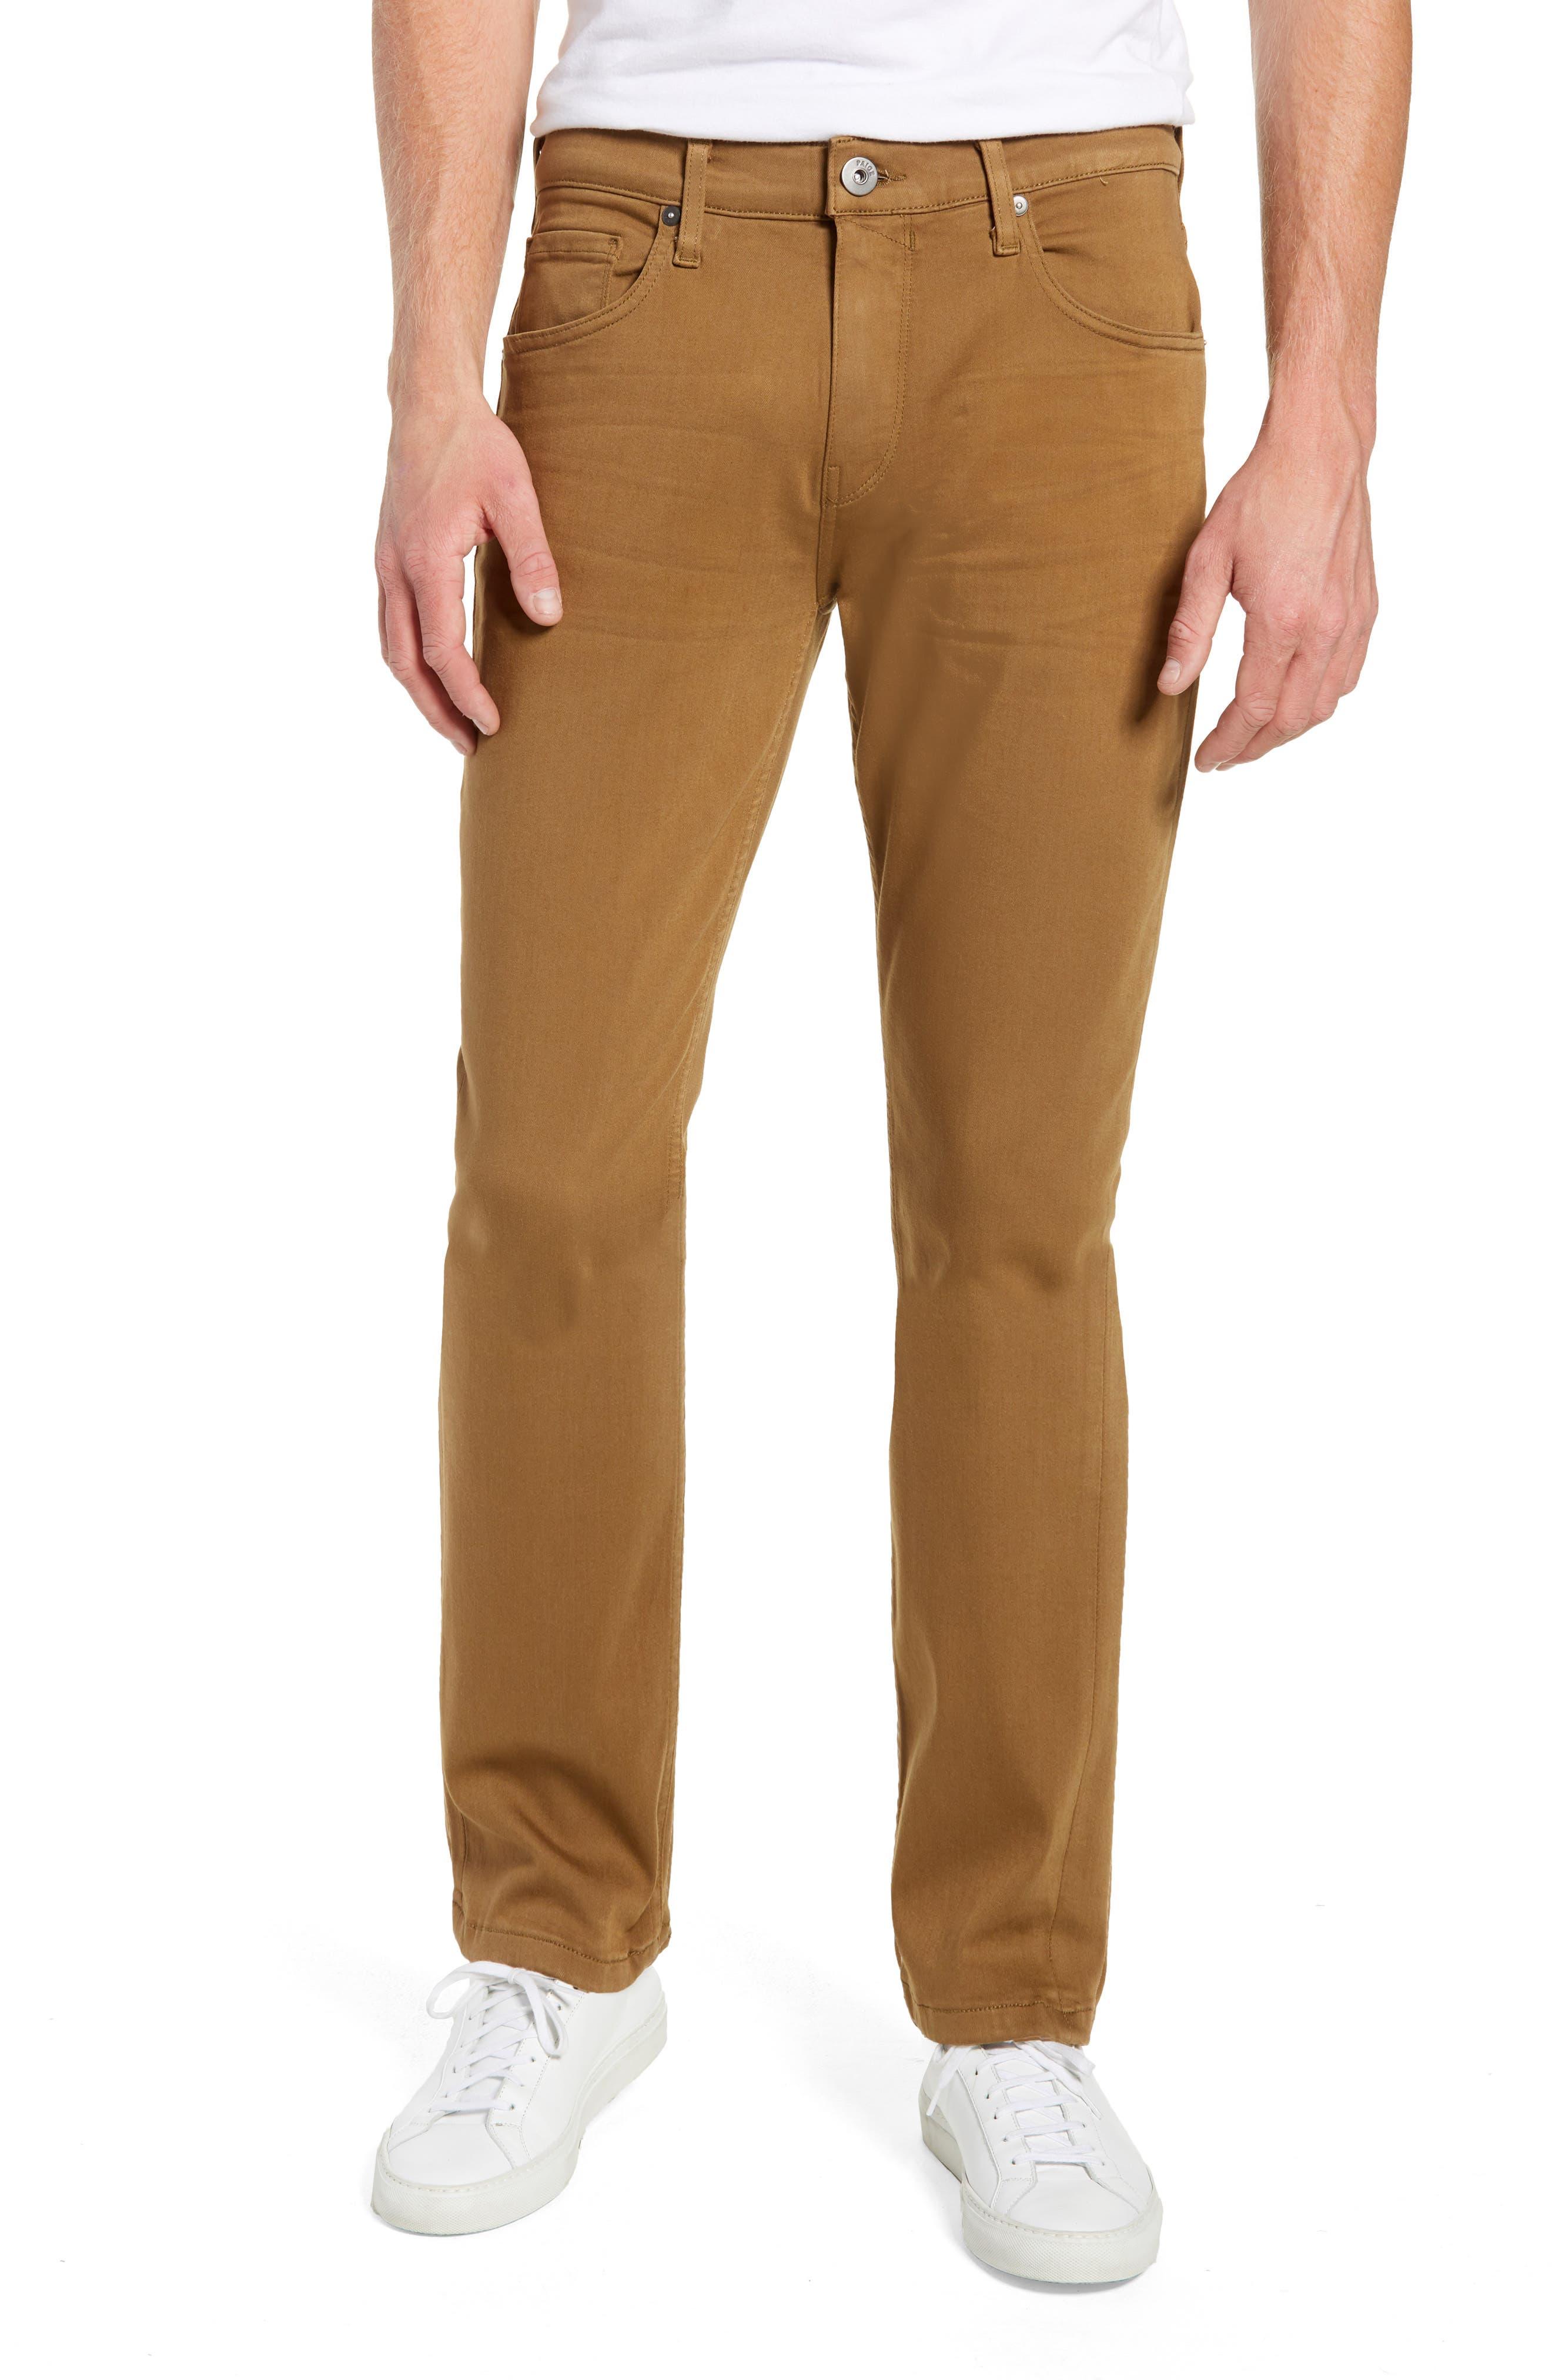 Transcend - Lennox Slim Fit Jeans, Main, color, LAUREL TAN